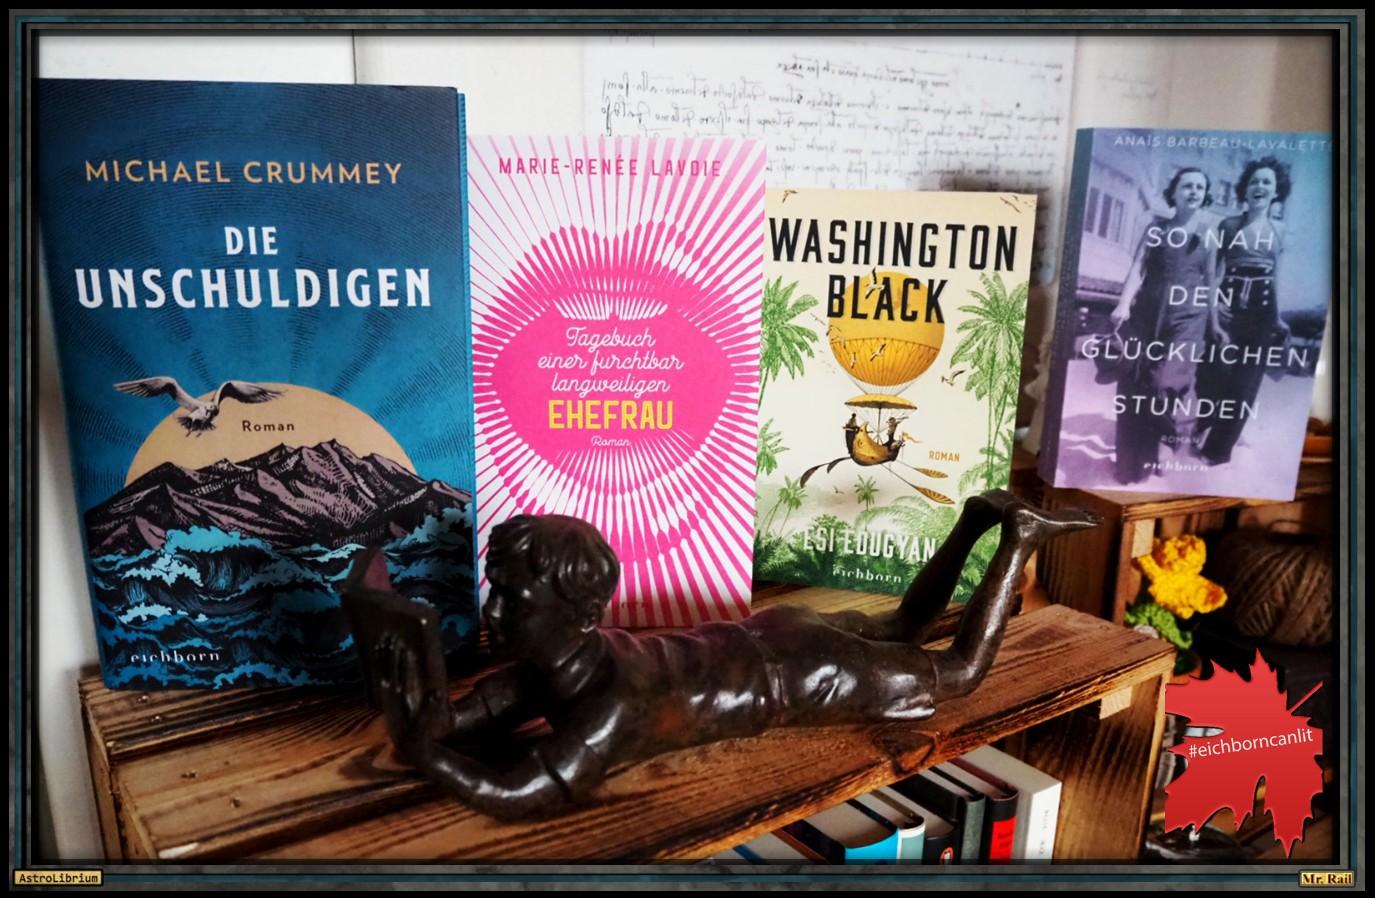 Eichborn - Kanadische Literatur - Frankfurter Buchmesse 2020 - Astrolibrium